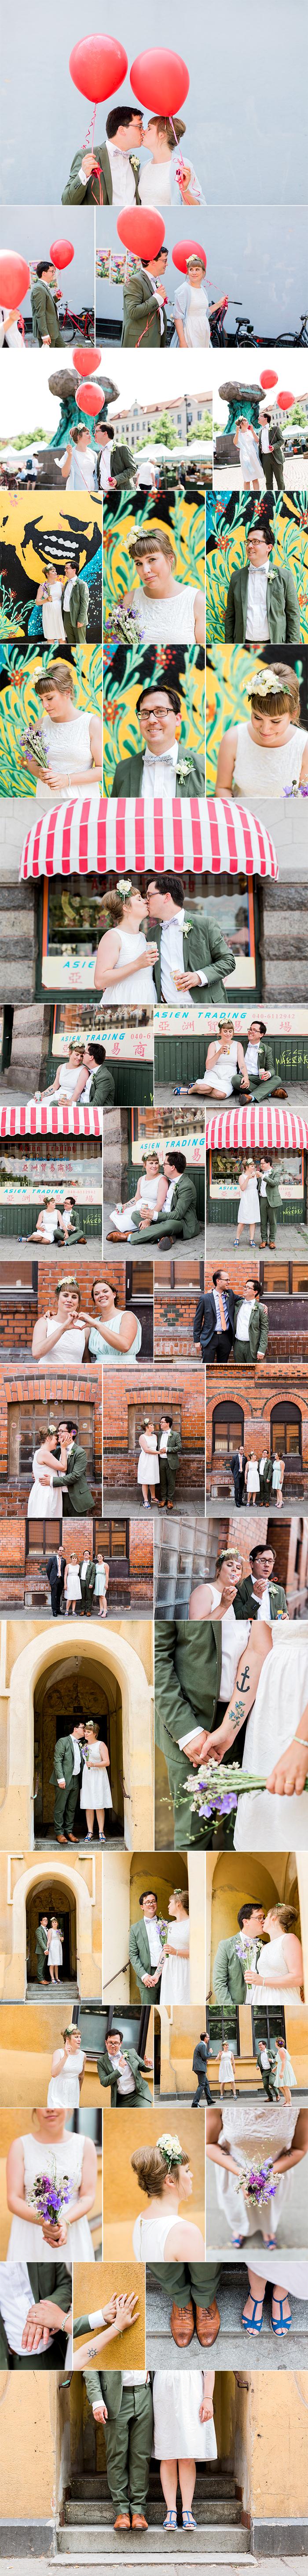 Camill och Nils, 4:e juli 2015, Möllan, Möllevångstorget, Malmö. Bröllopsfotograf Sanna Dolck.